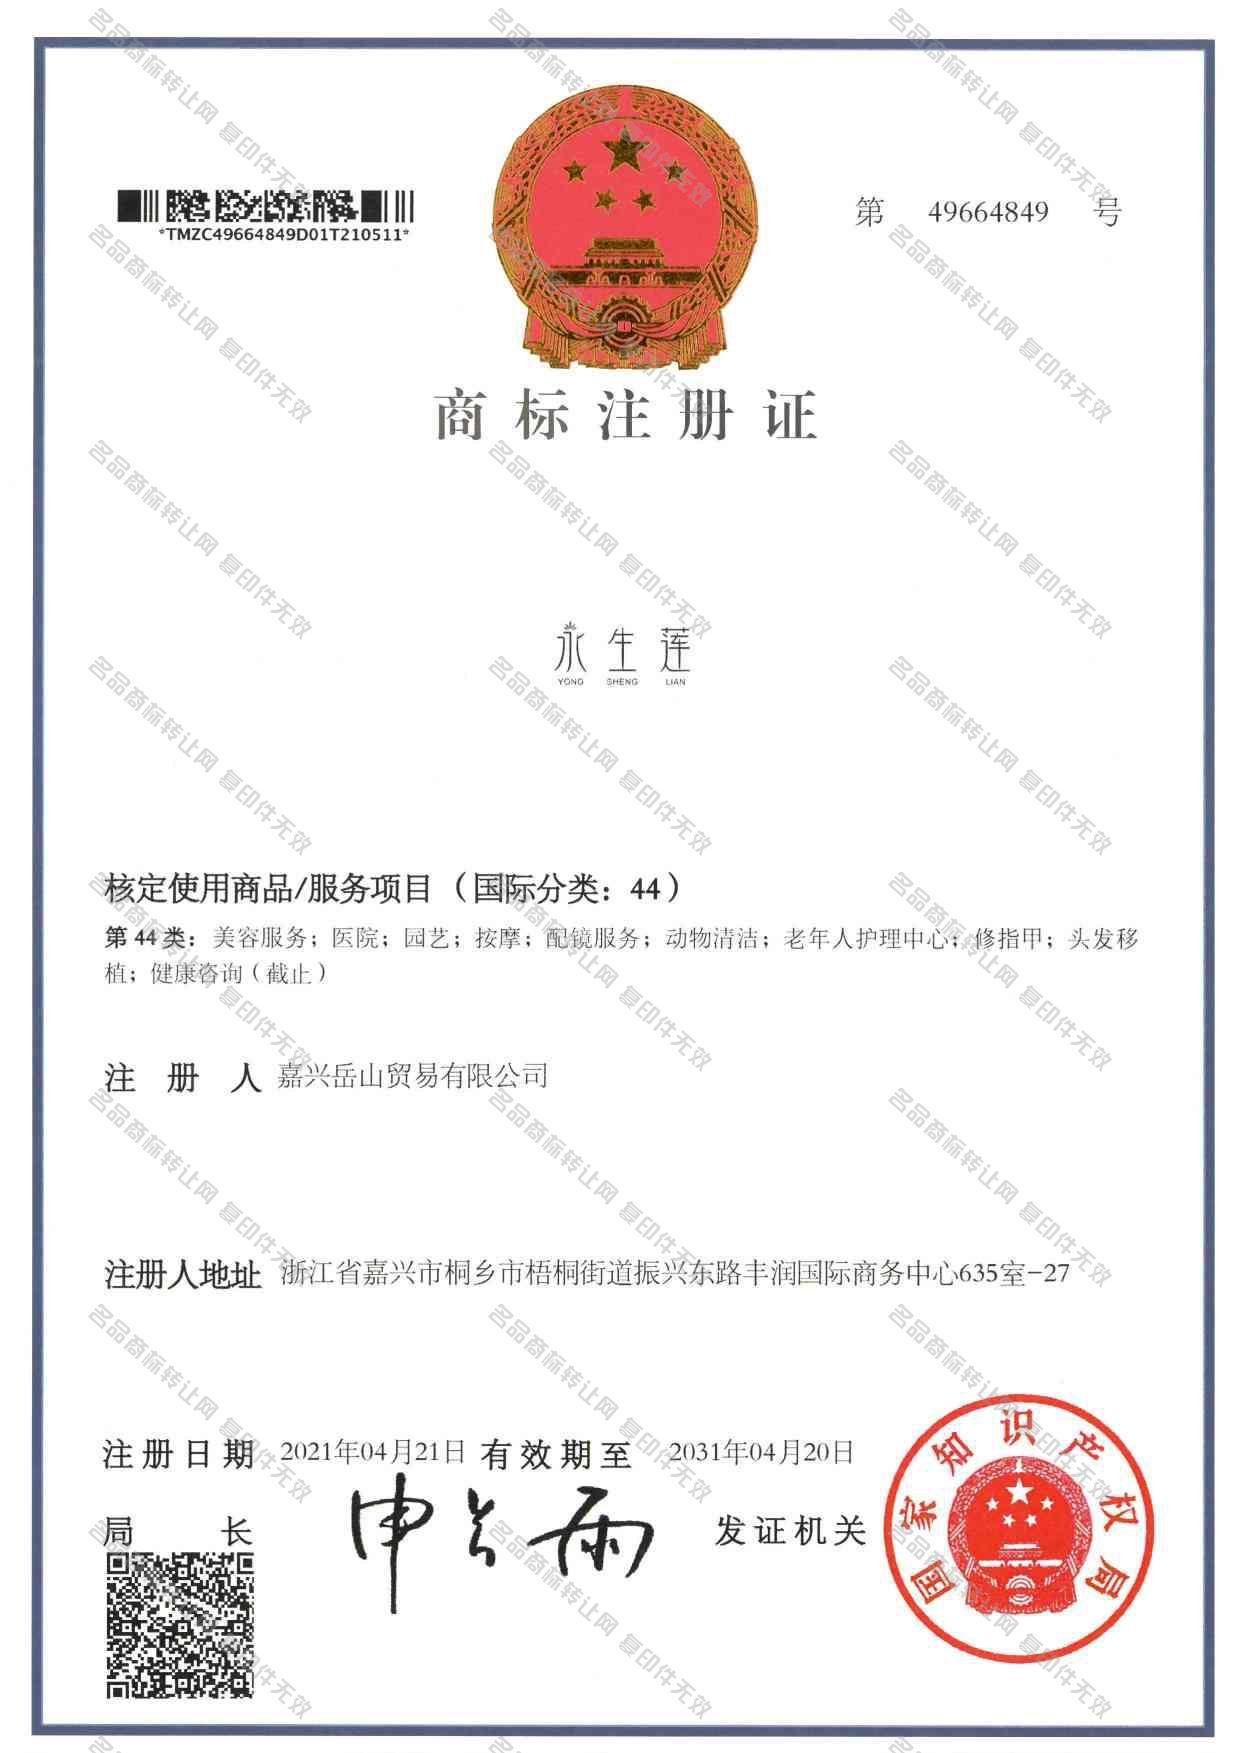 永生莲注册证